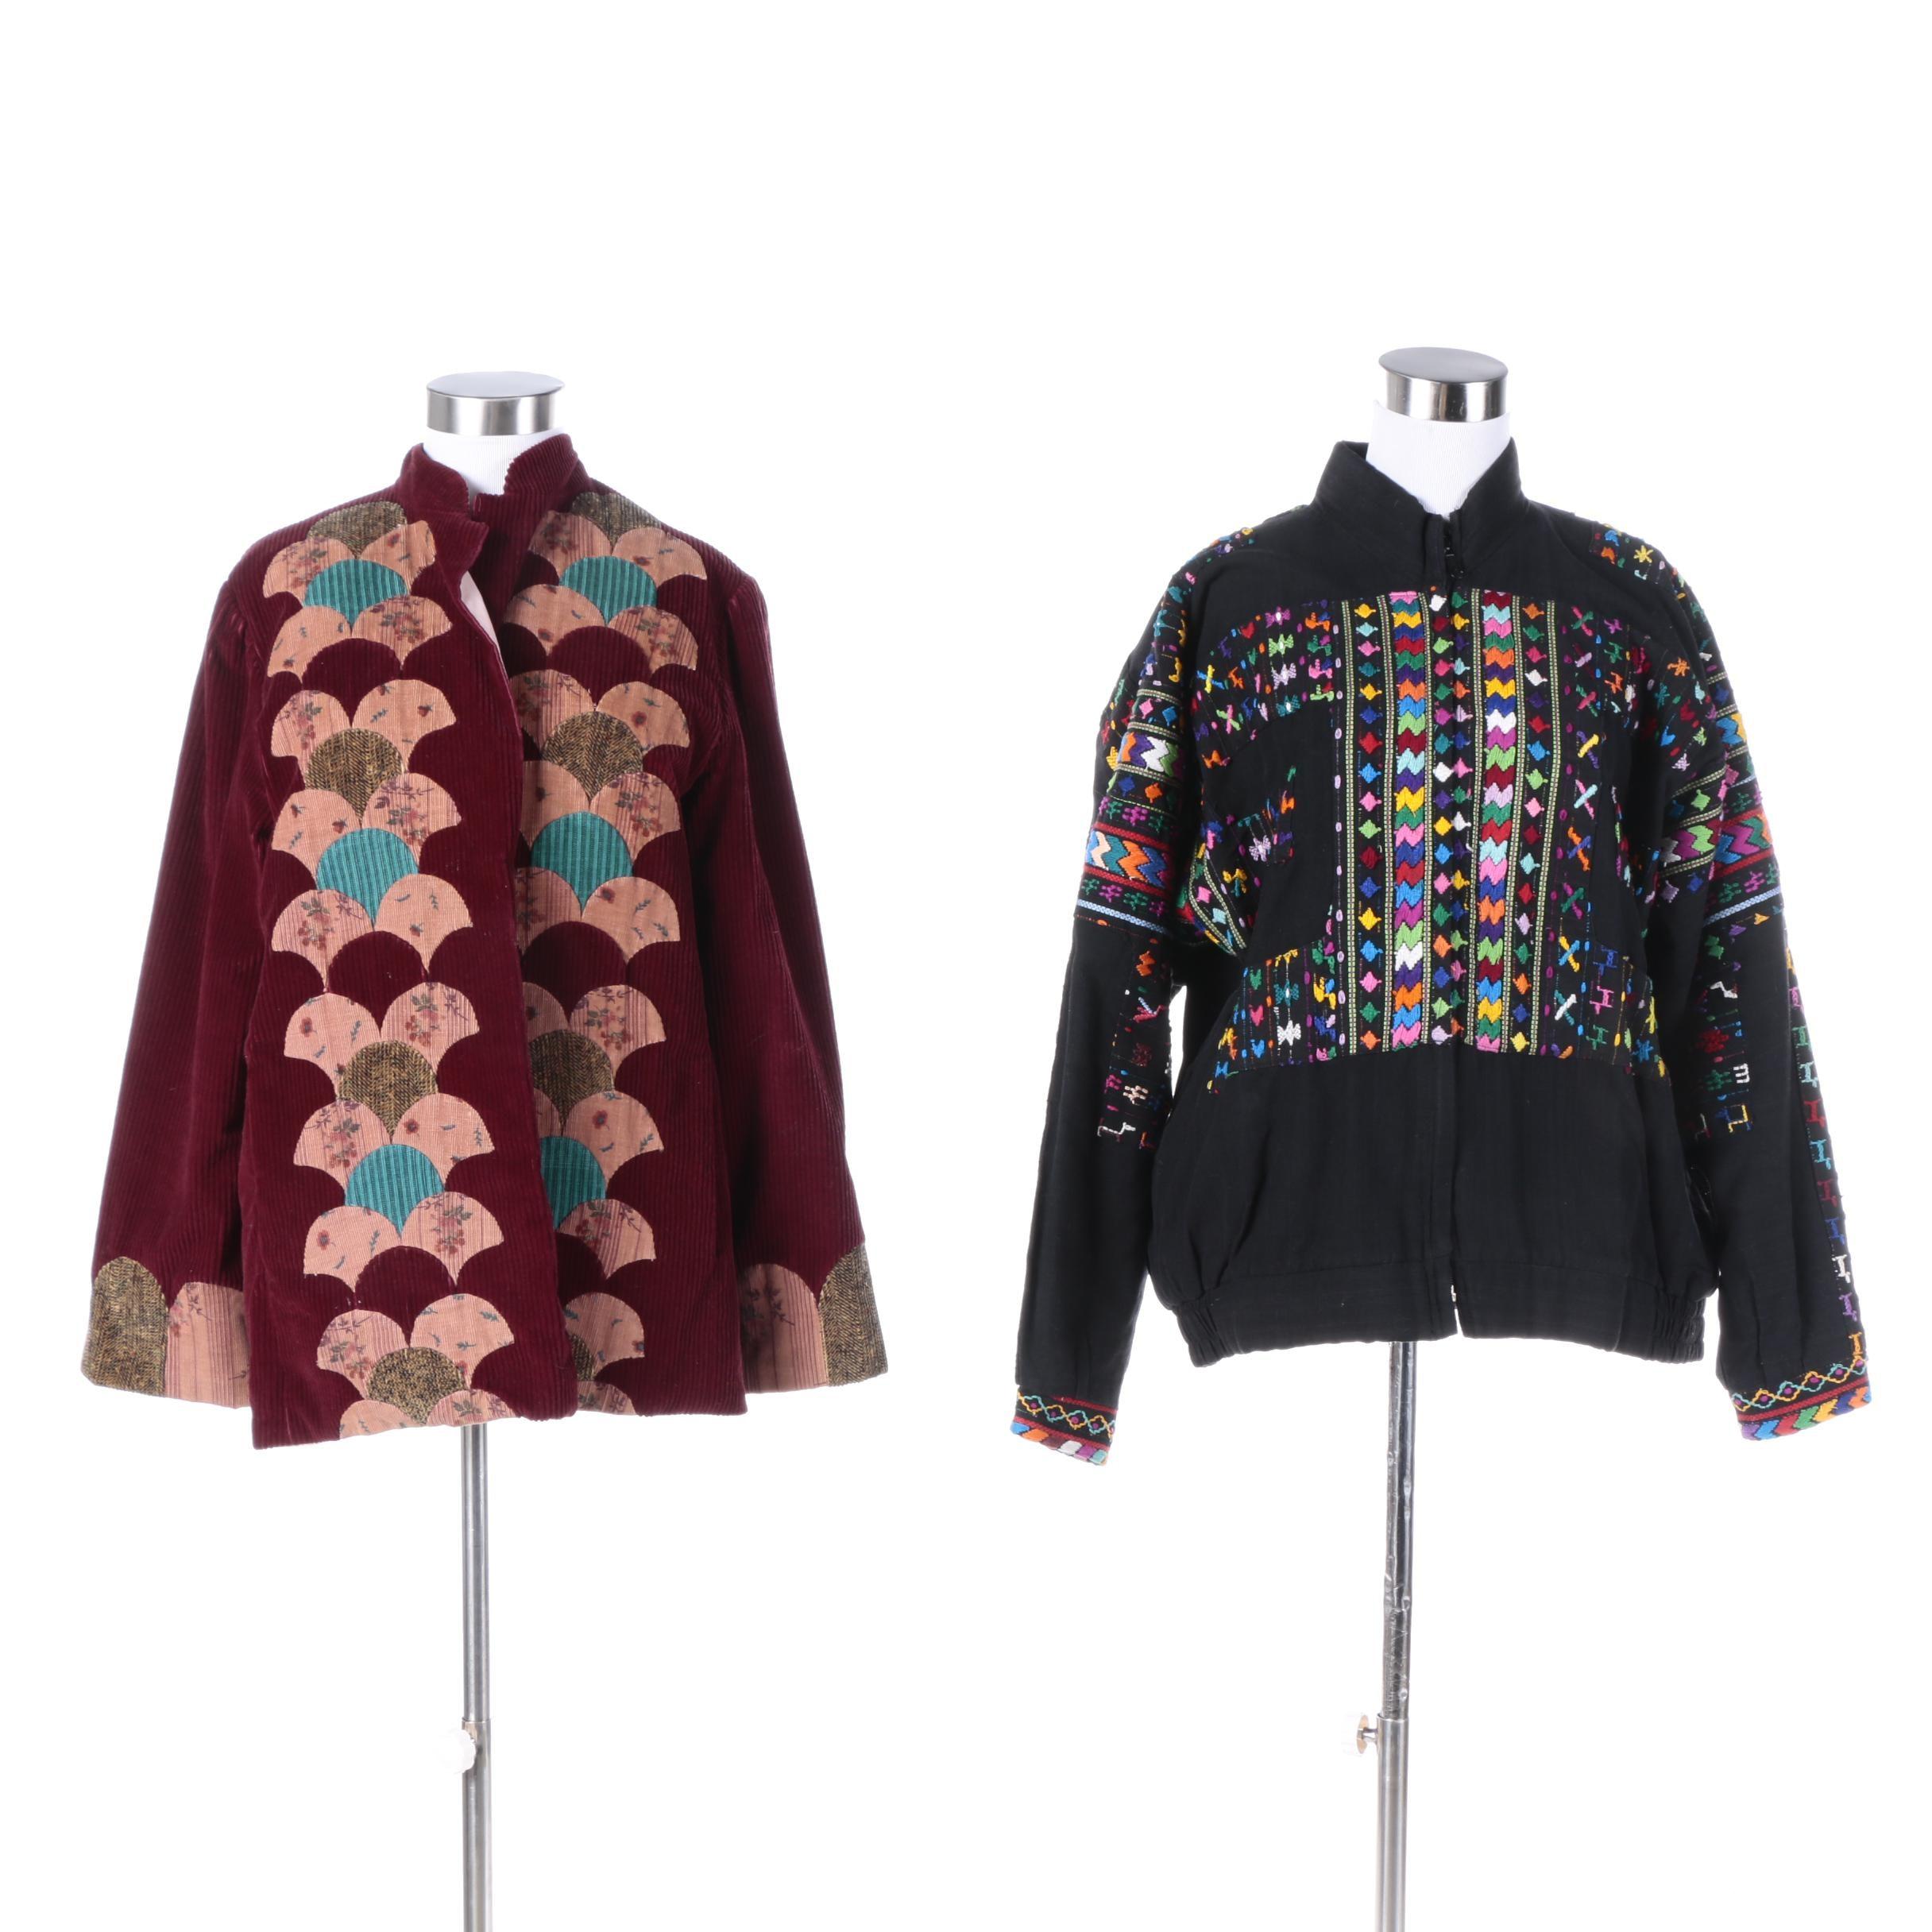 Women's Vintage Embellished Jackets